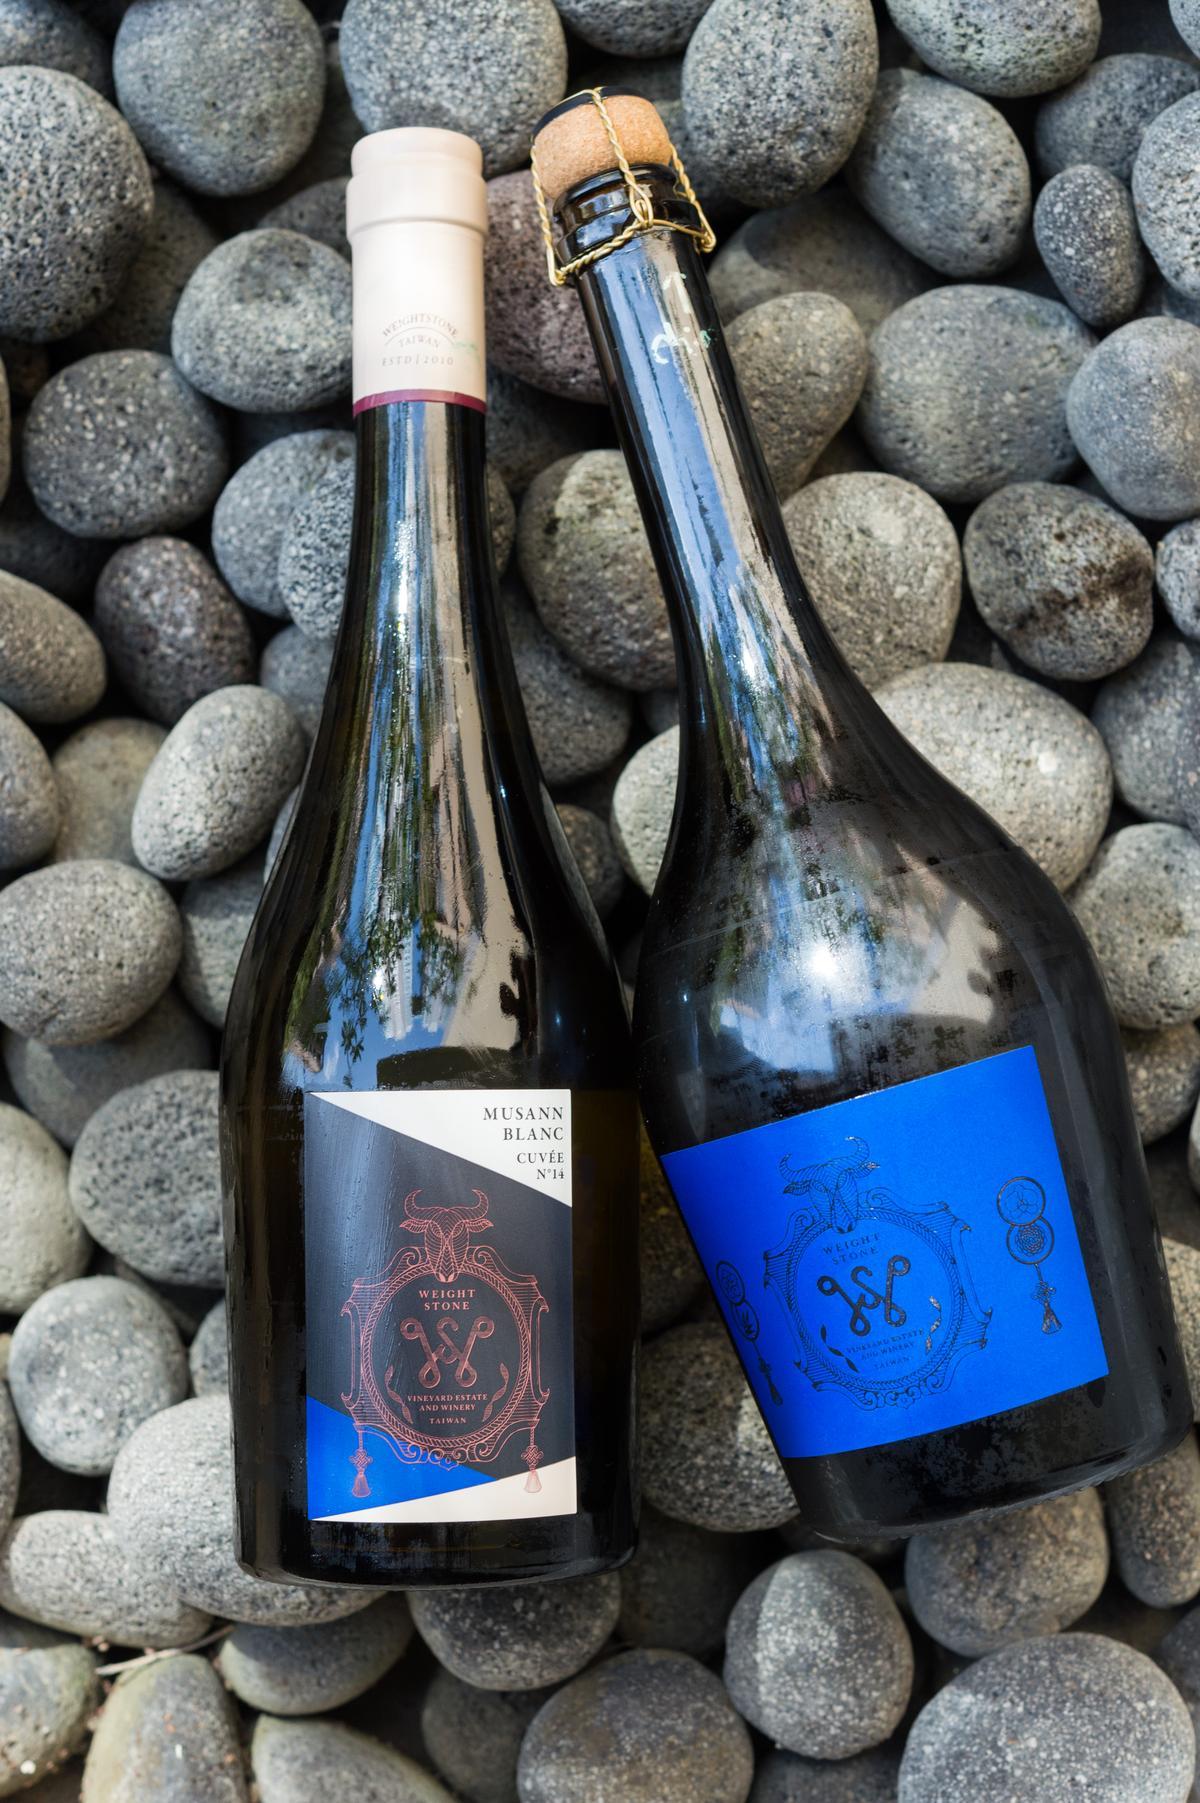 最能展現台灣風土的台灣葡萄酒「威石東」白中白氣泡酒(右)與2014年份限定木杉白酒(左)。